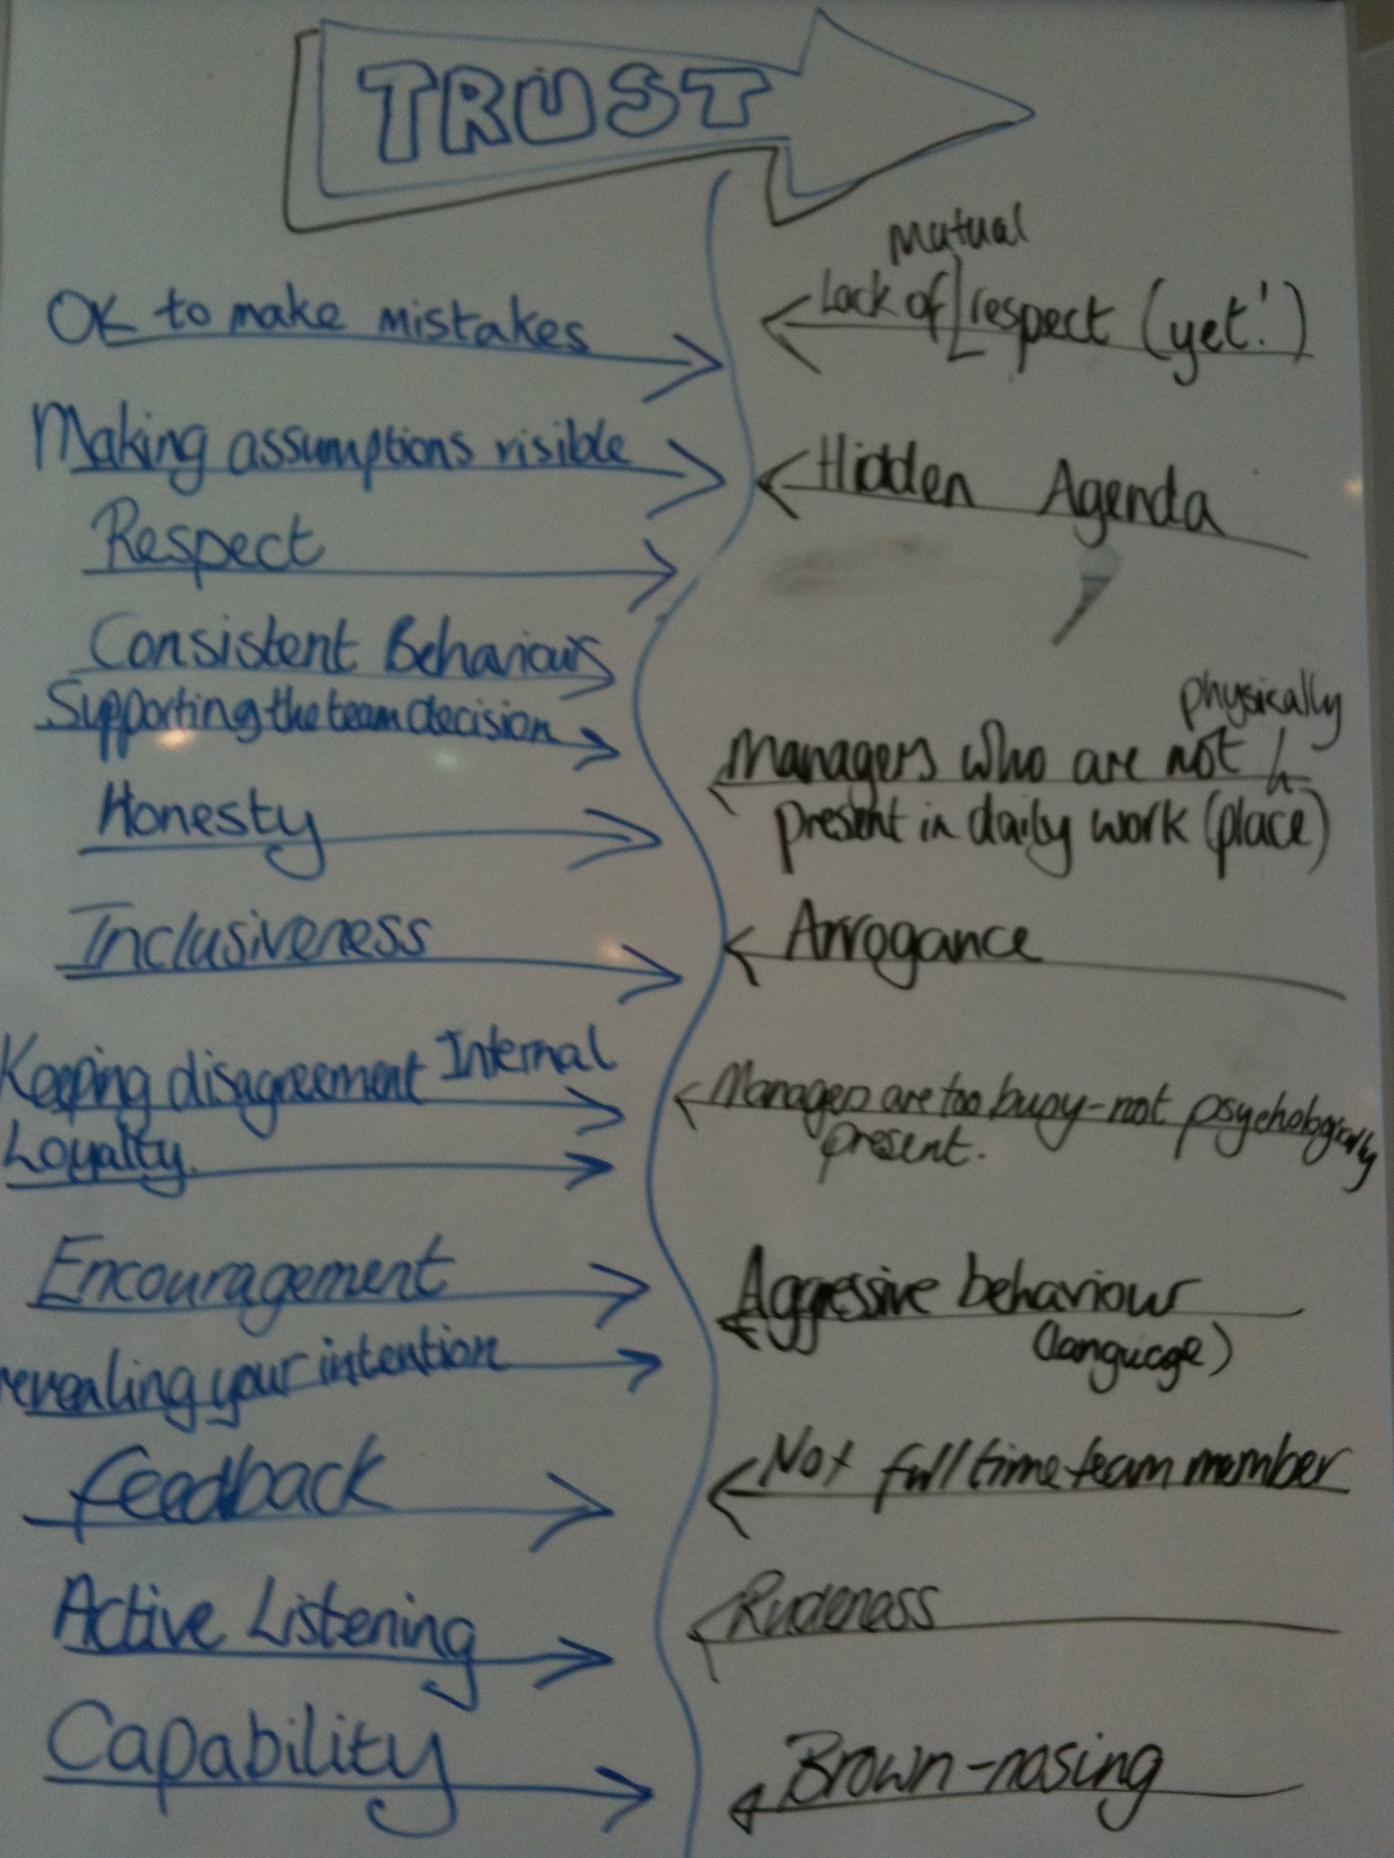 Trust-factors-xp2010